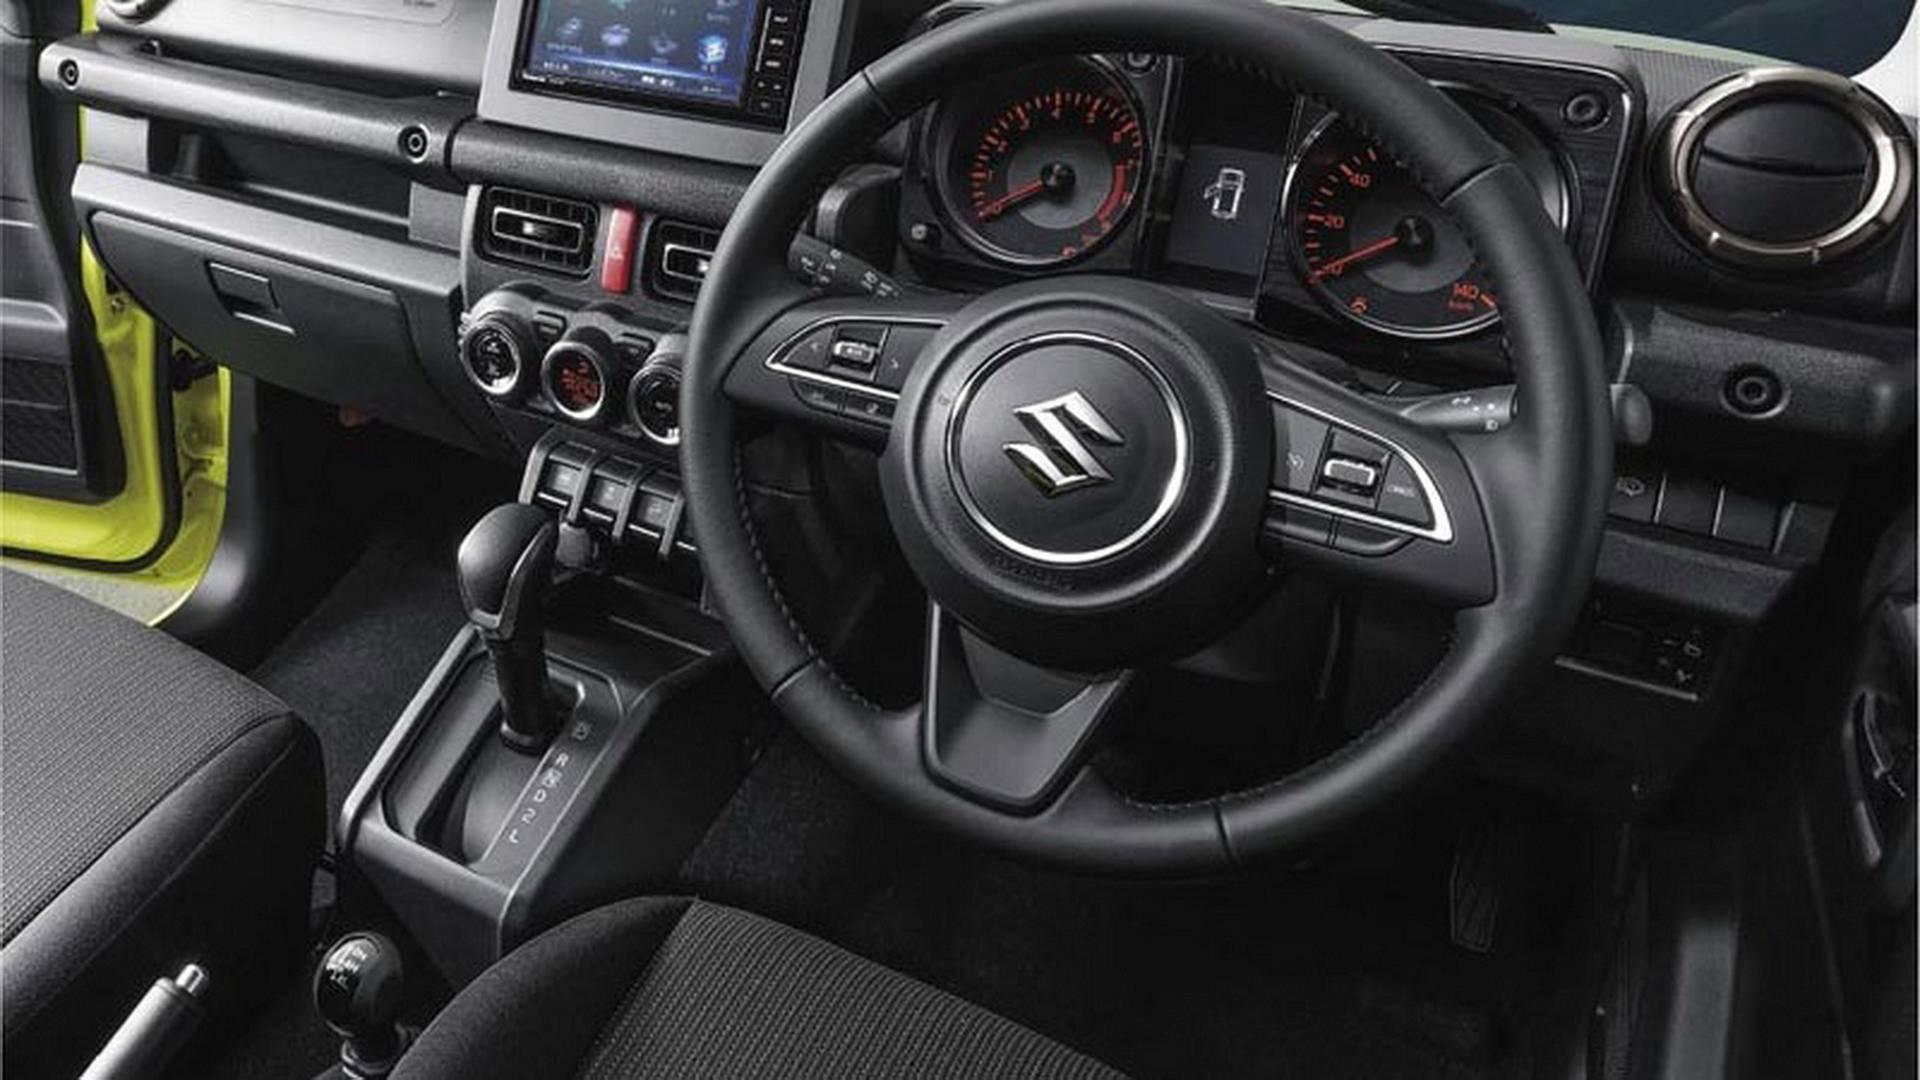 2018 Suzuki Jimny Gets 1 5 Liter Engine In Europe